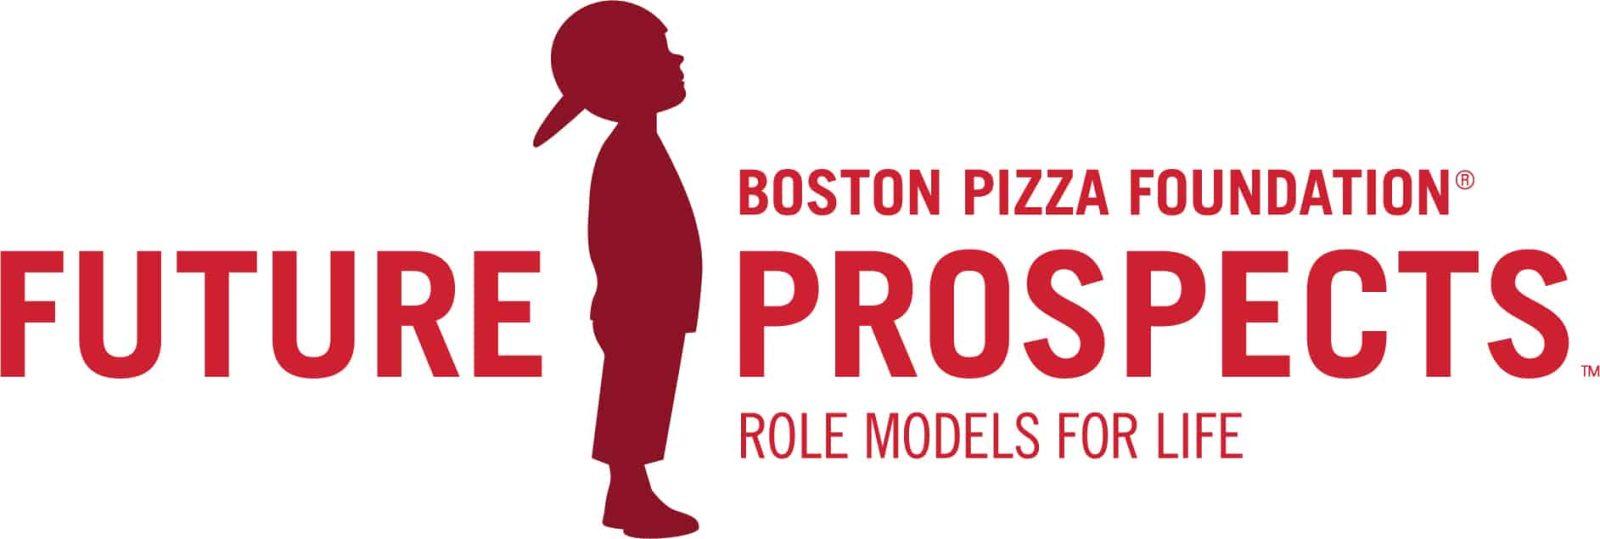 Boston Pizza Future Prospects